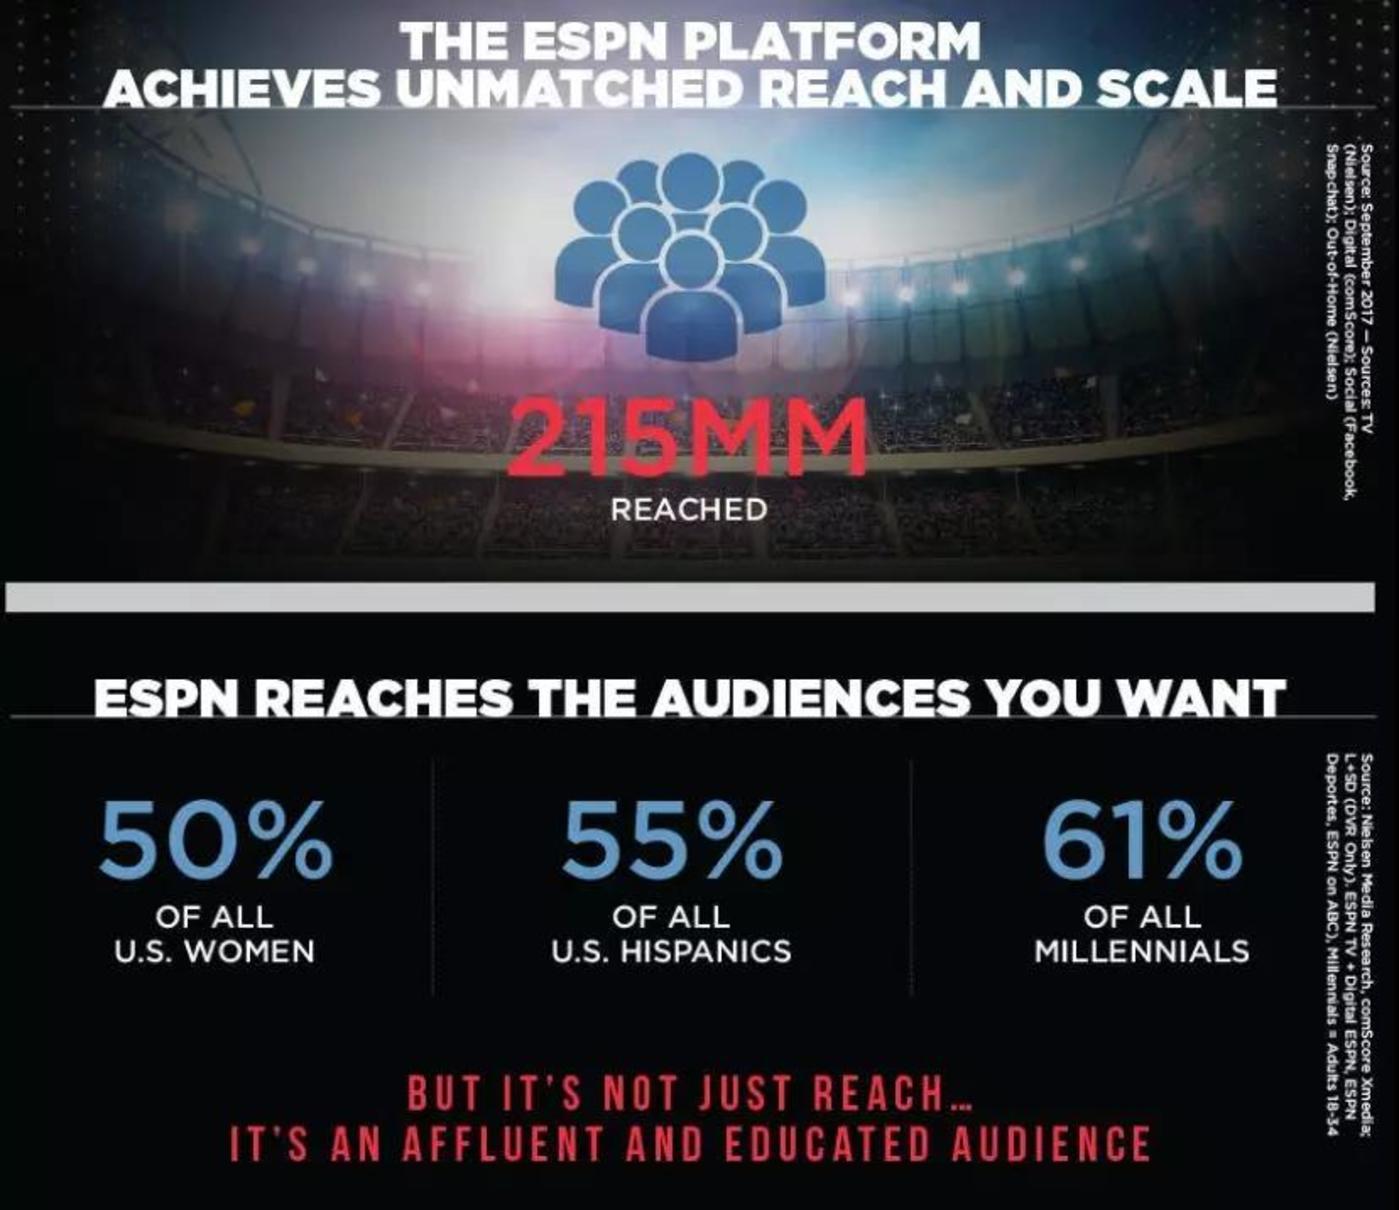 ESPN的招商宣传:平台覆盖全美50%的女性观众,55%的西班牙语受众,61%的千禧一代观众。